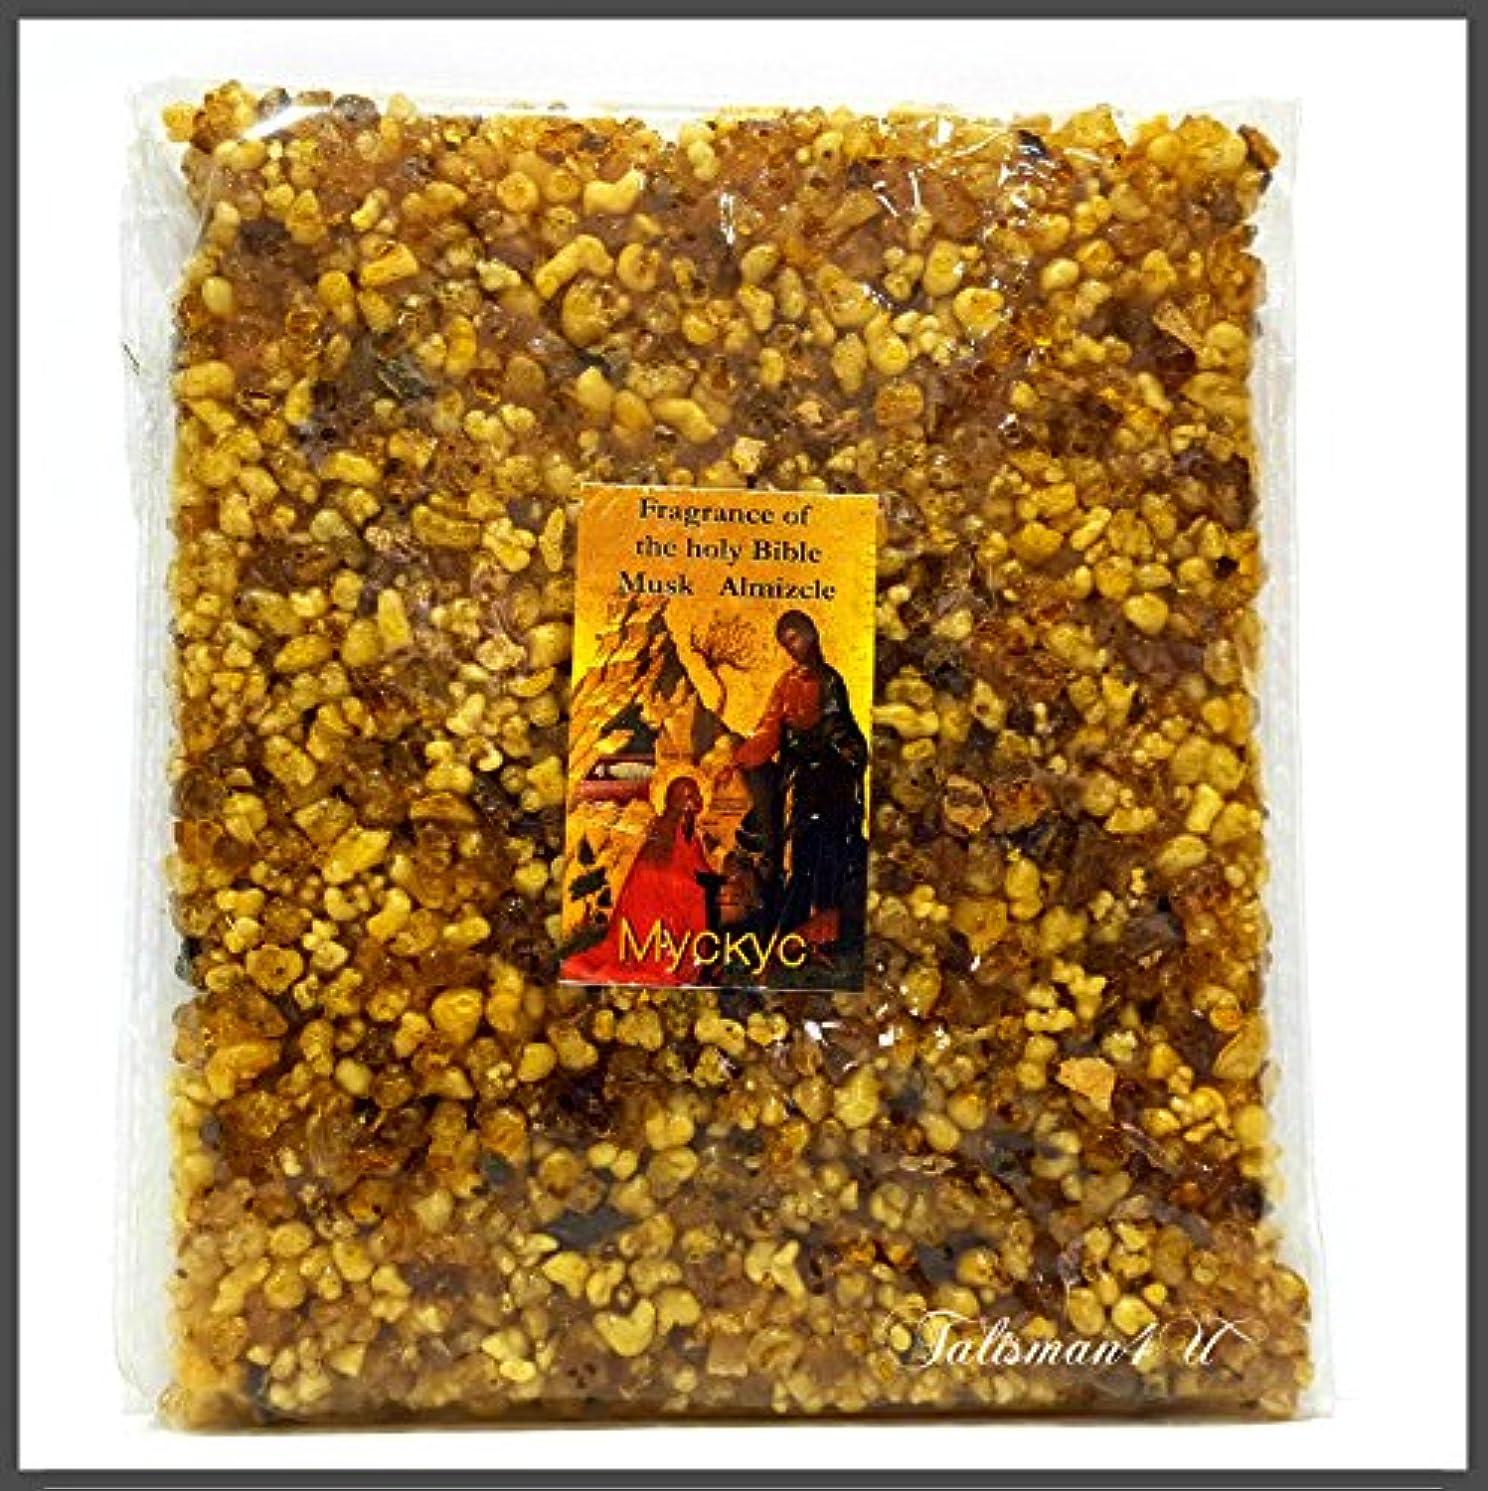 愛情深いサバントに応じてムスクエルサレムIncense樹脂Aromatic Almizcle Frankincense of the Holy Land 3.5 Oz / 100 g